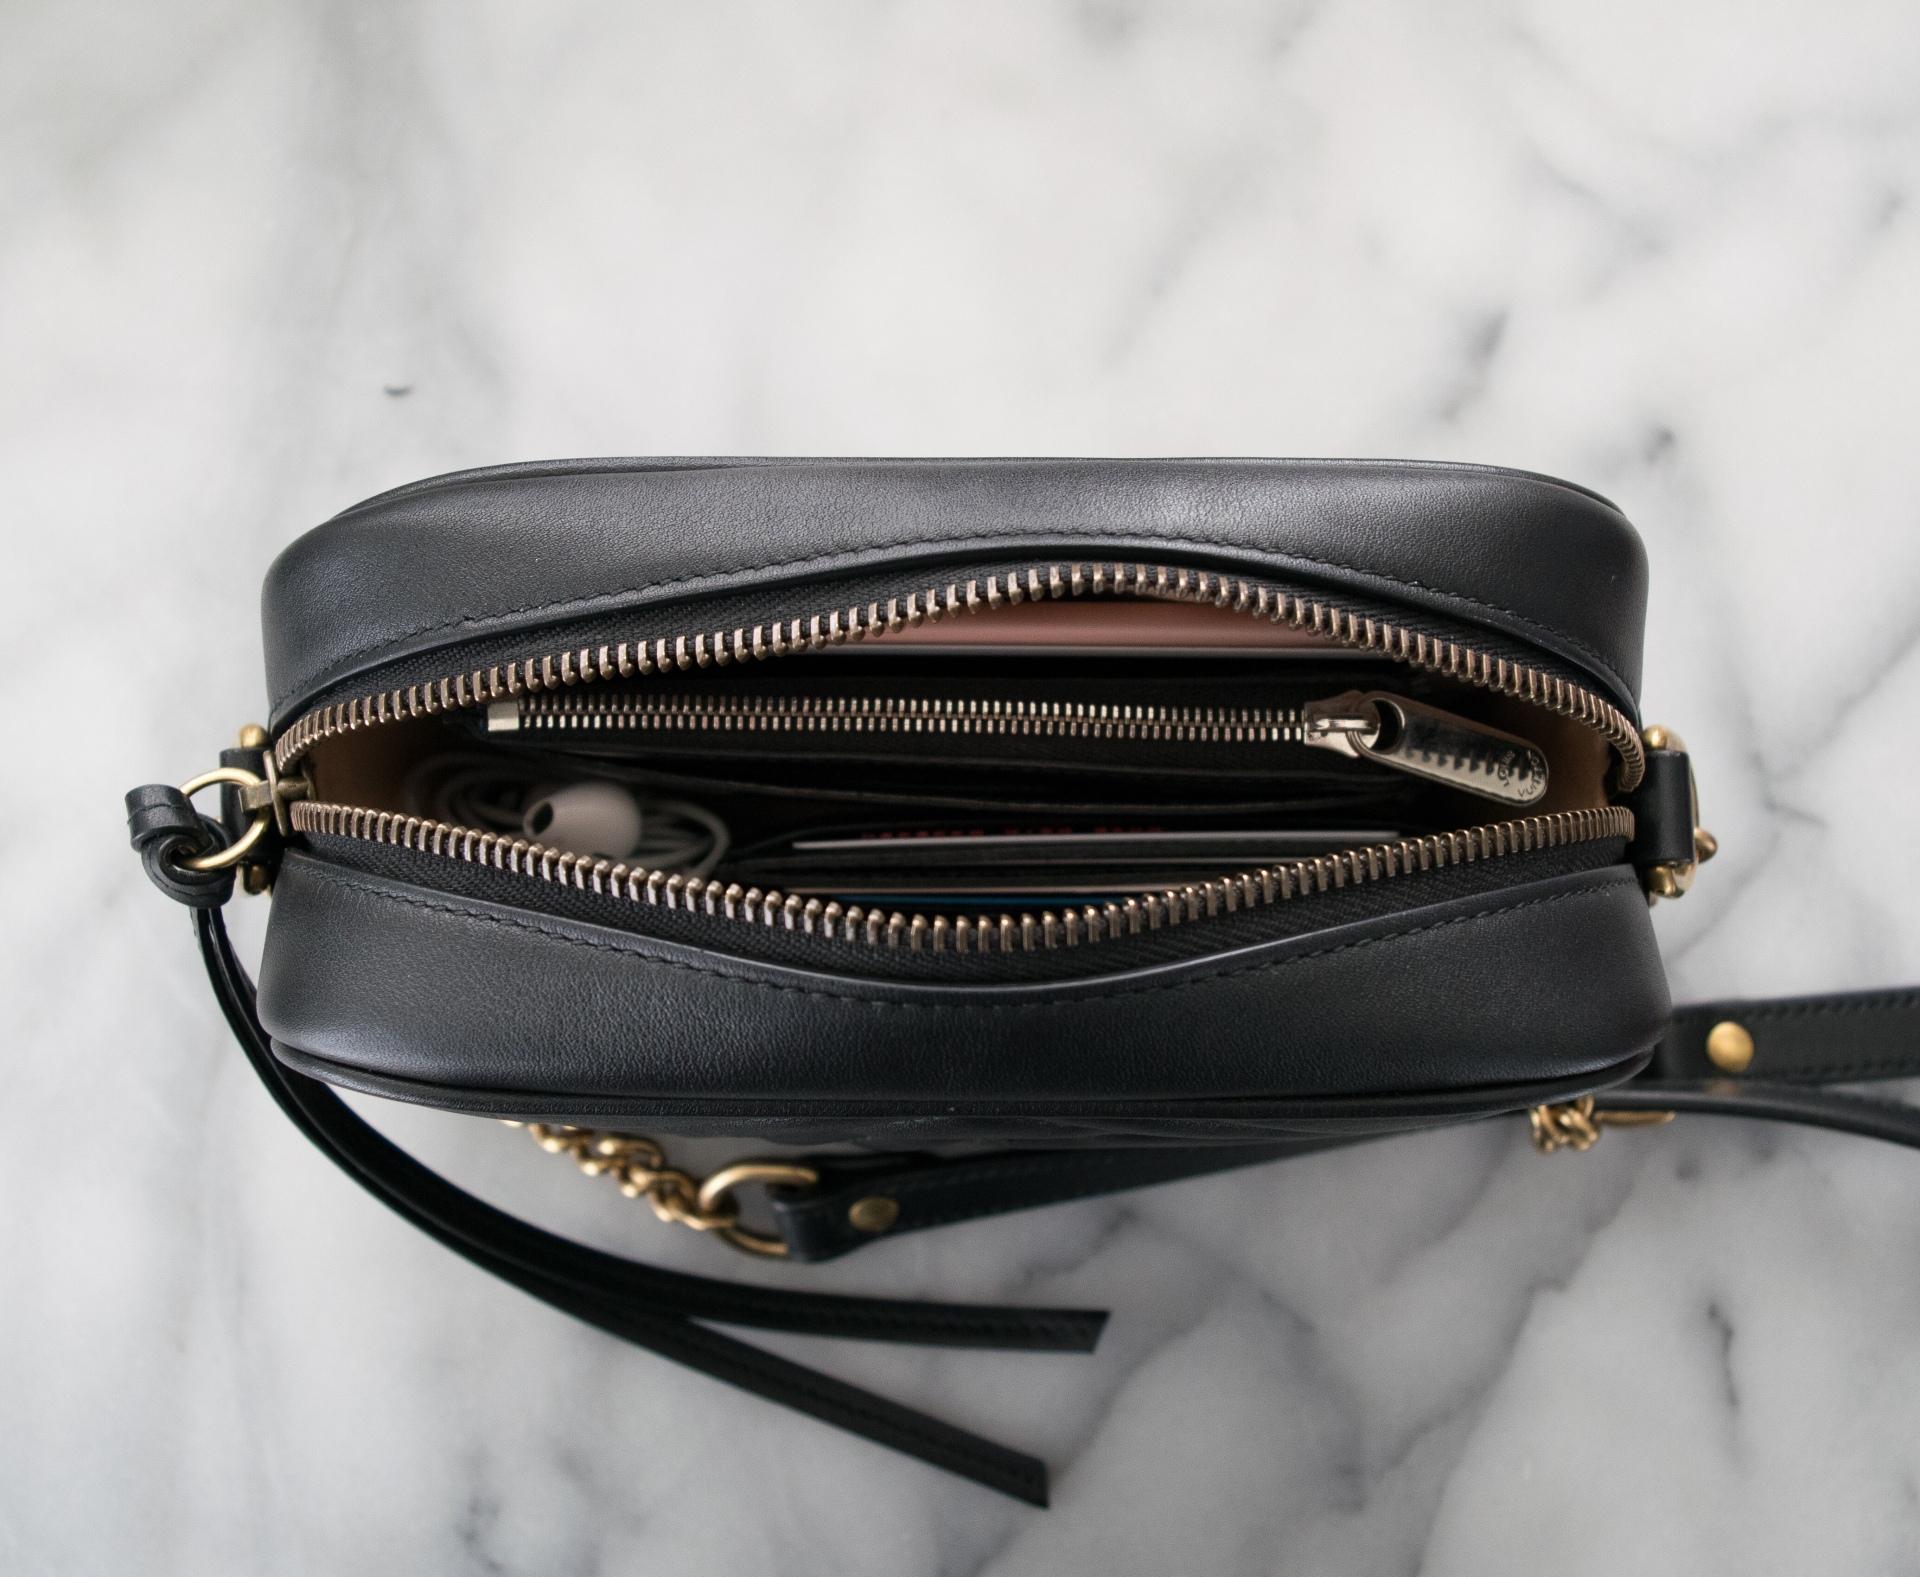 da352cb3388e Size comparison: Gucci Marmont Mini Camera Bag versus Louis Vuitton  Favorite PM and YSL Chain Wallet